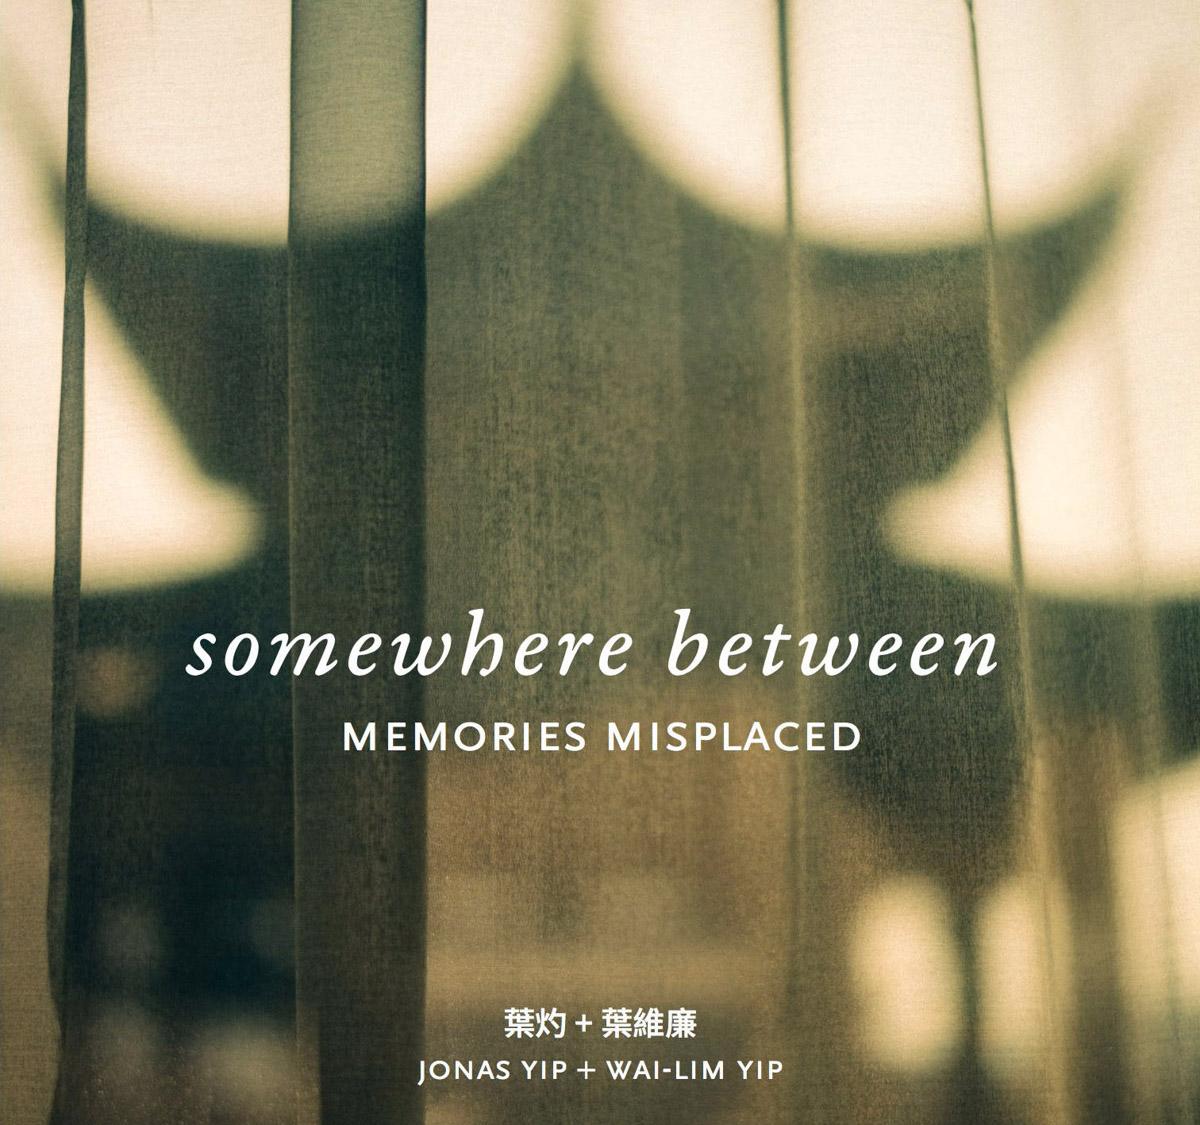 MemoriesMisplaced-Pages-001-1200.jpg